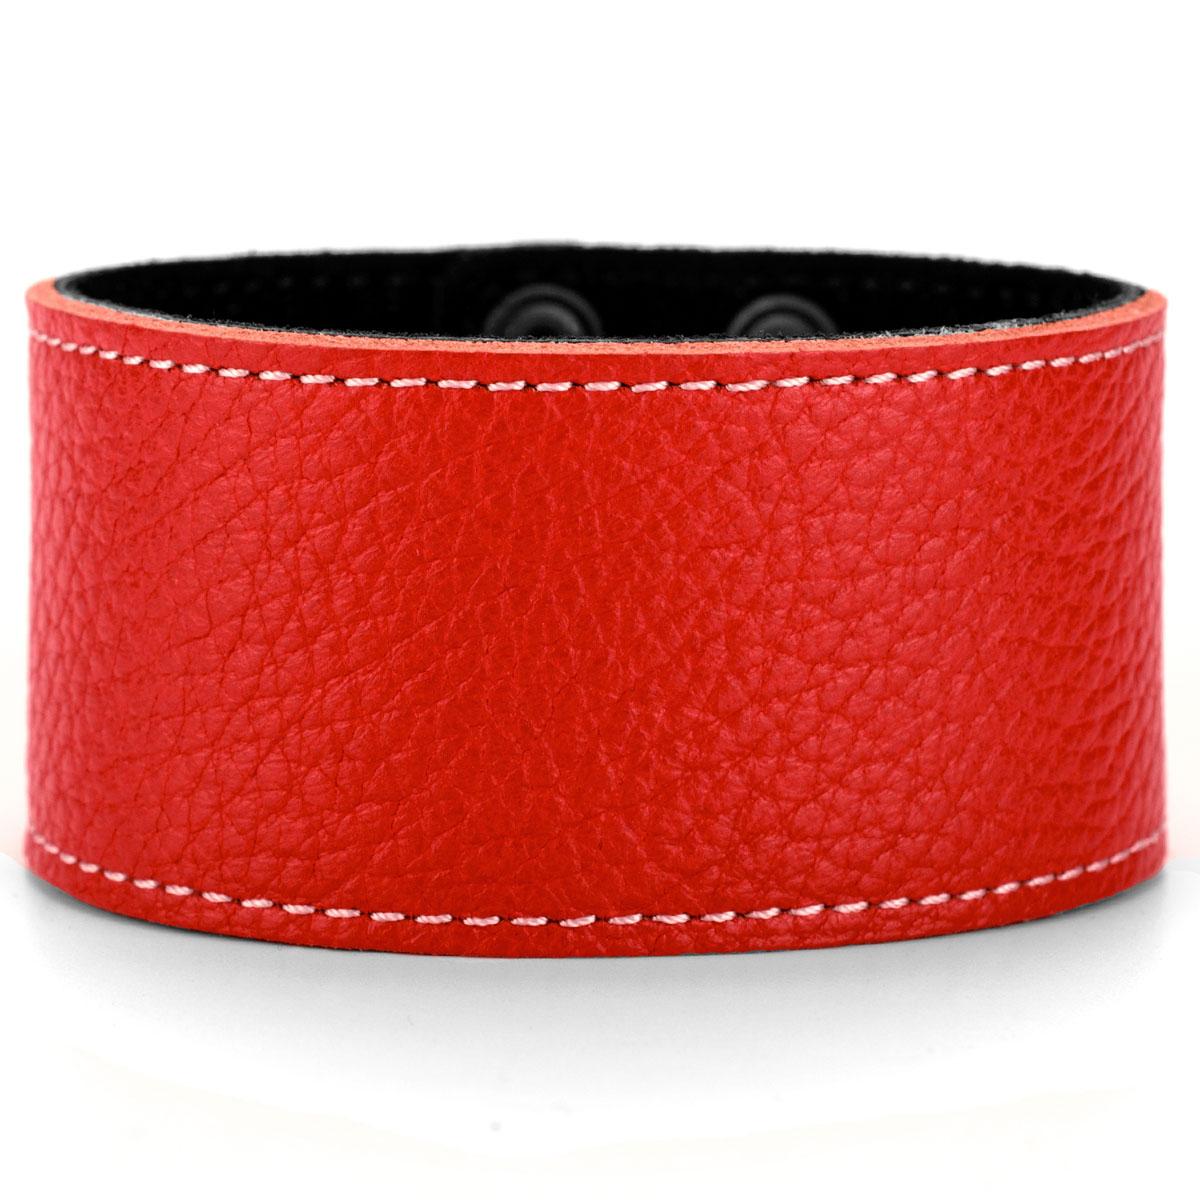 lederarmband damen breit echt leder armband regular. Black Bedroom Furniture Sets. Home Design Ideas